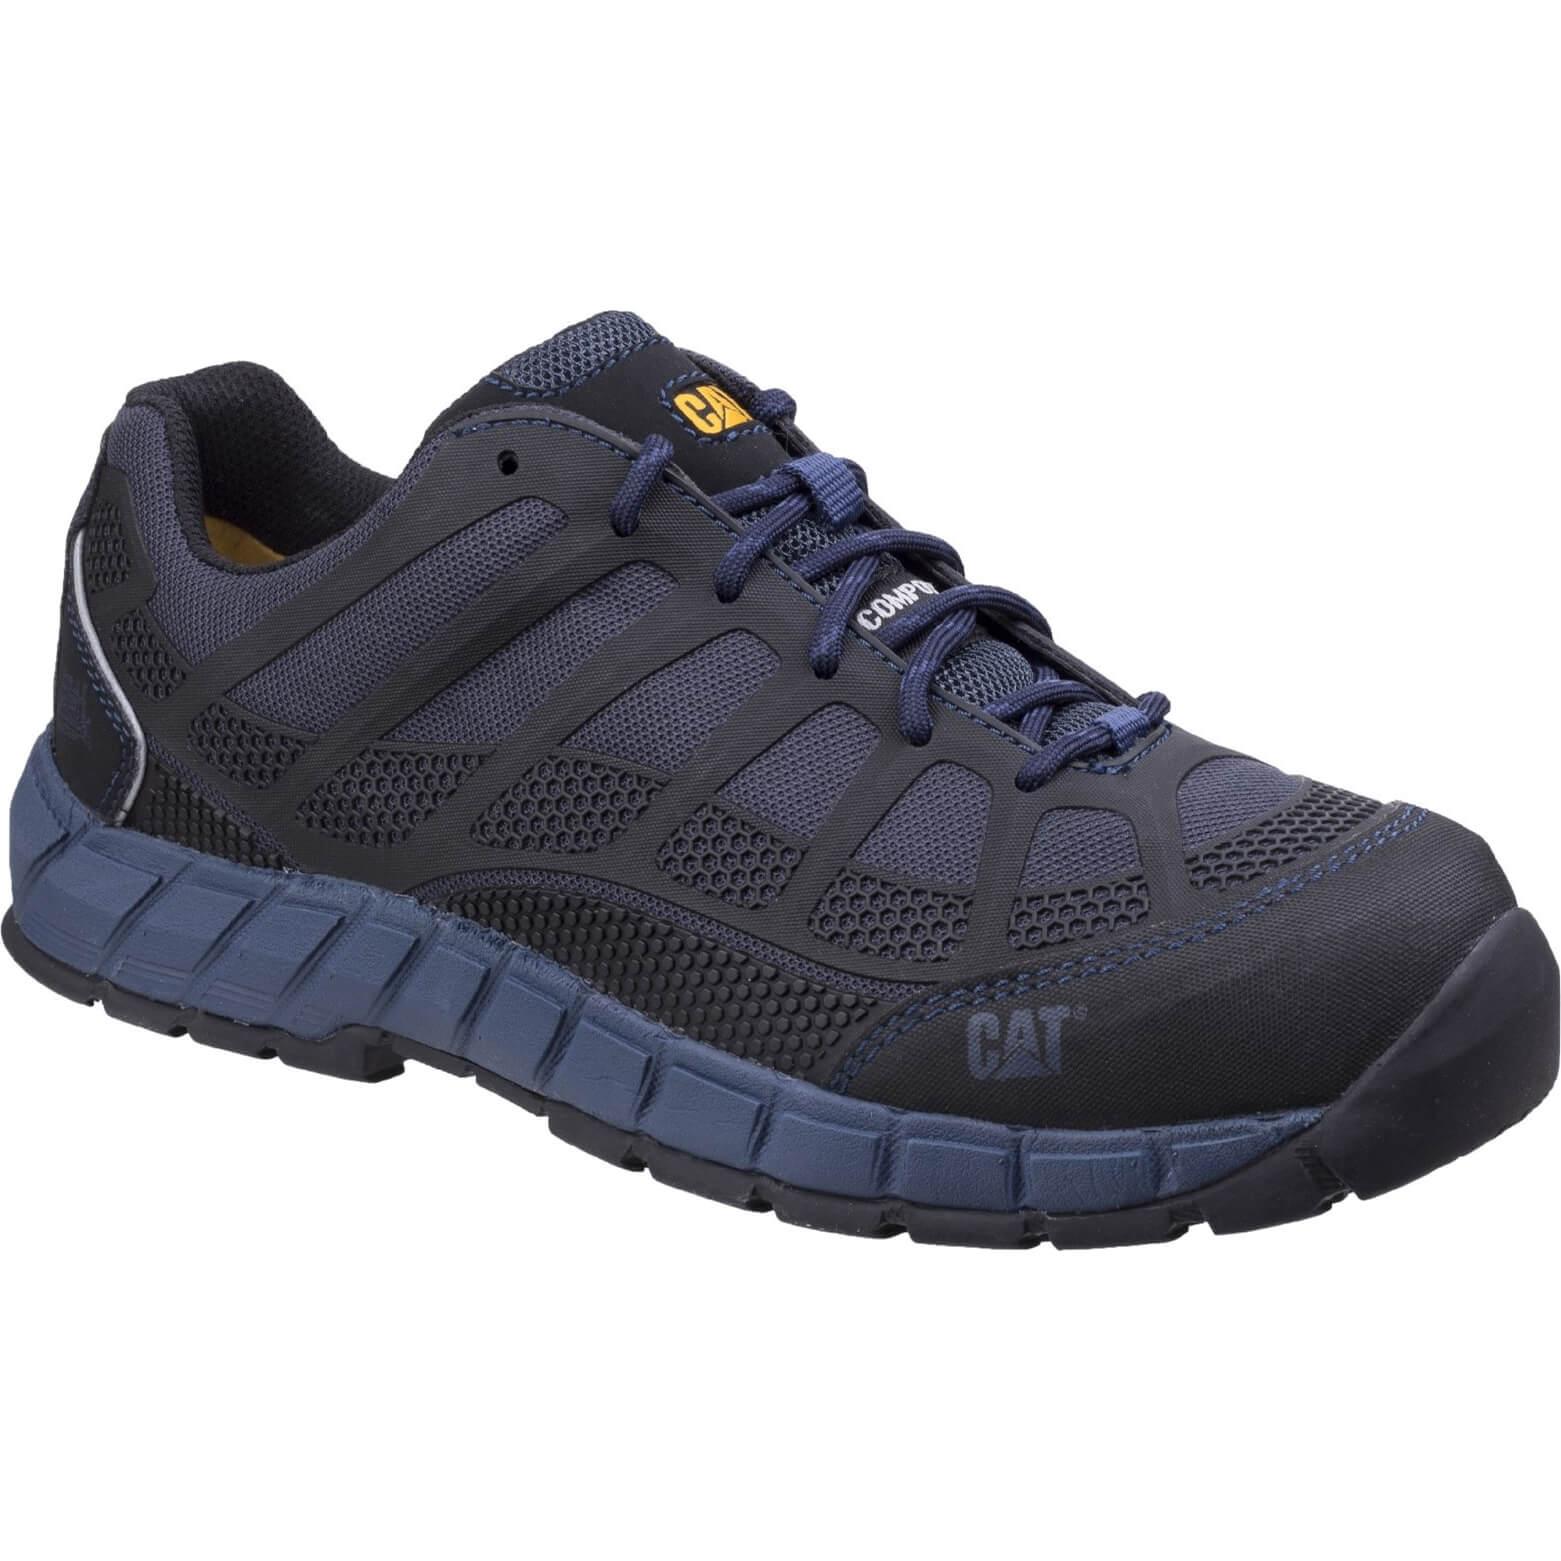 CHEAP Caterpillar Streamline Leather Safety Shoe Blue Size 10 – Men's Footwear